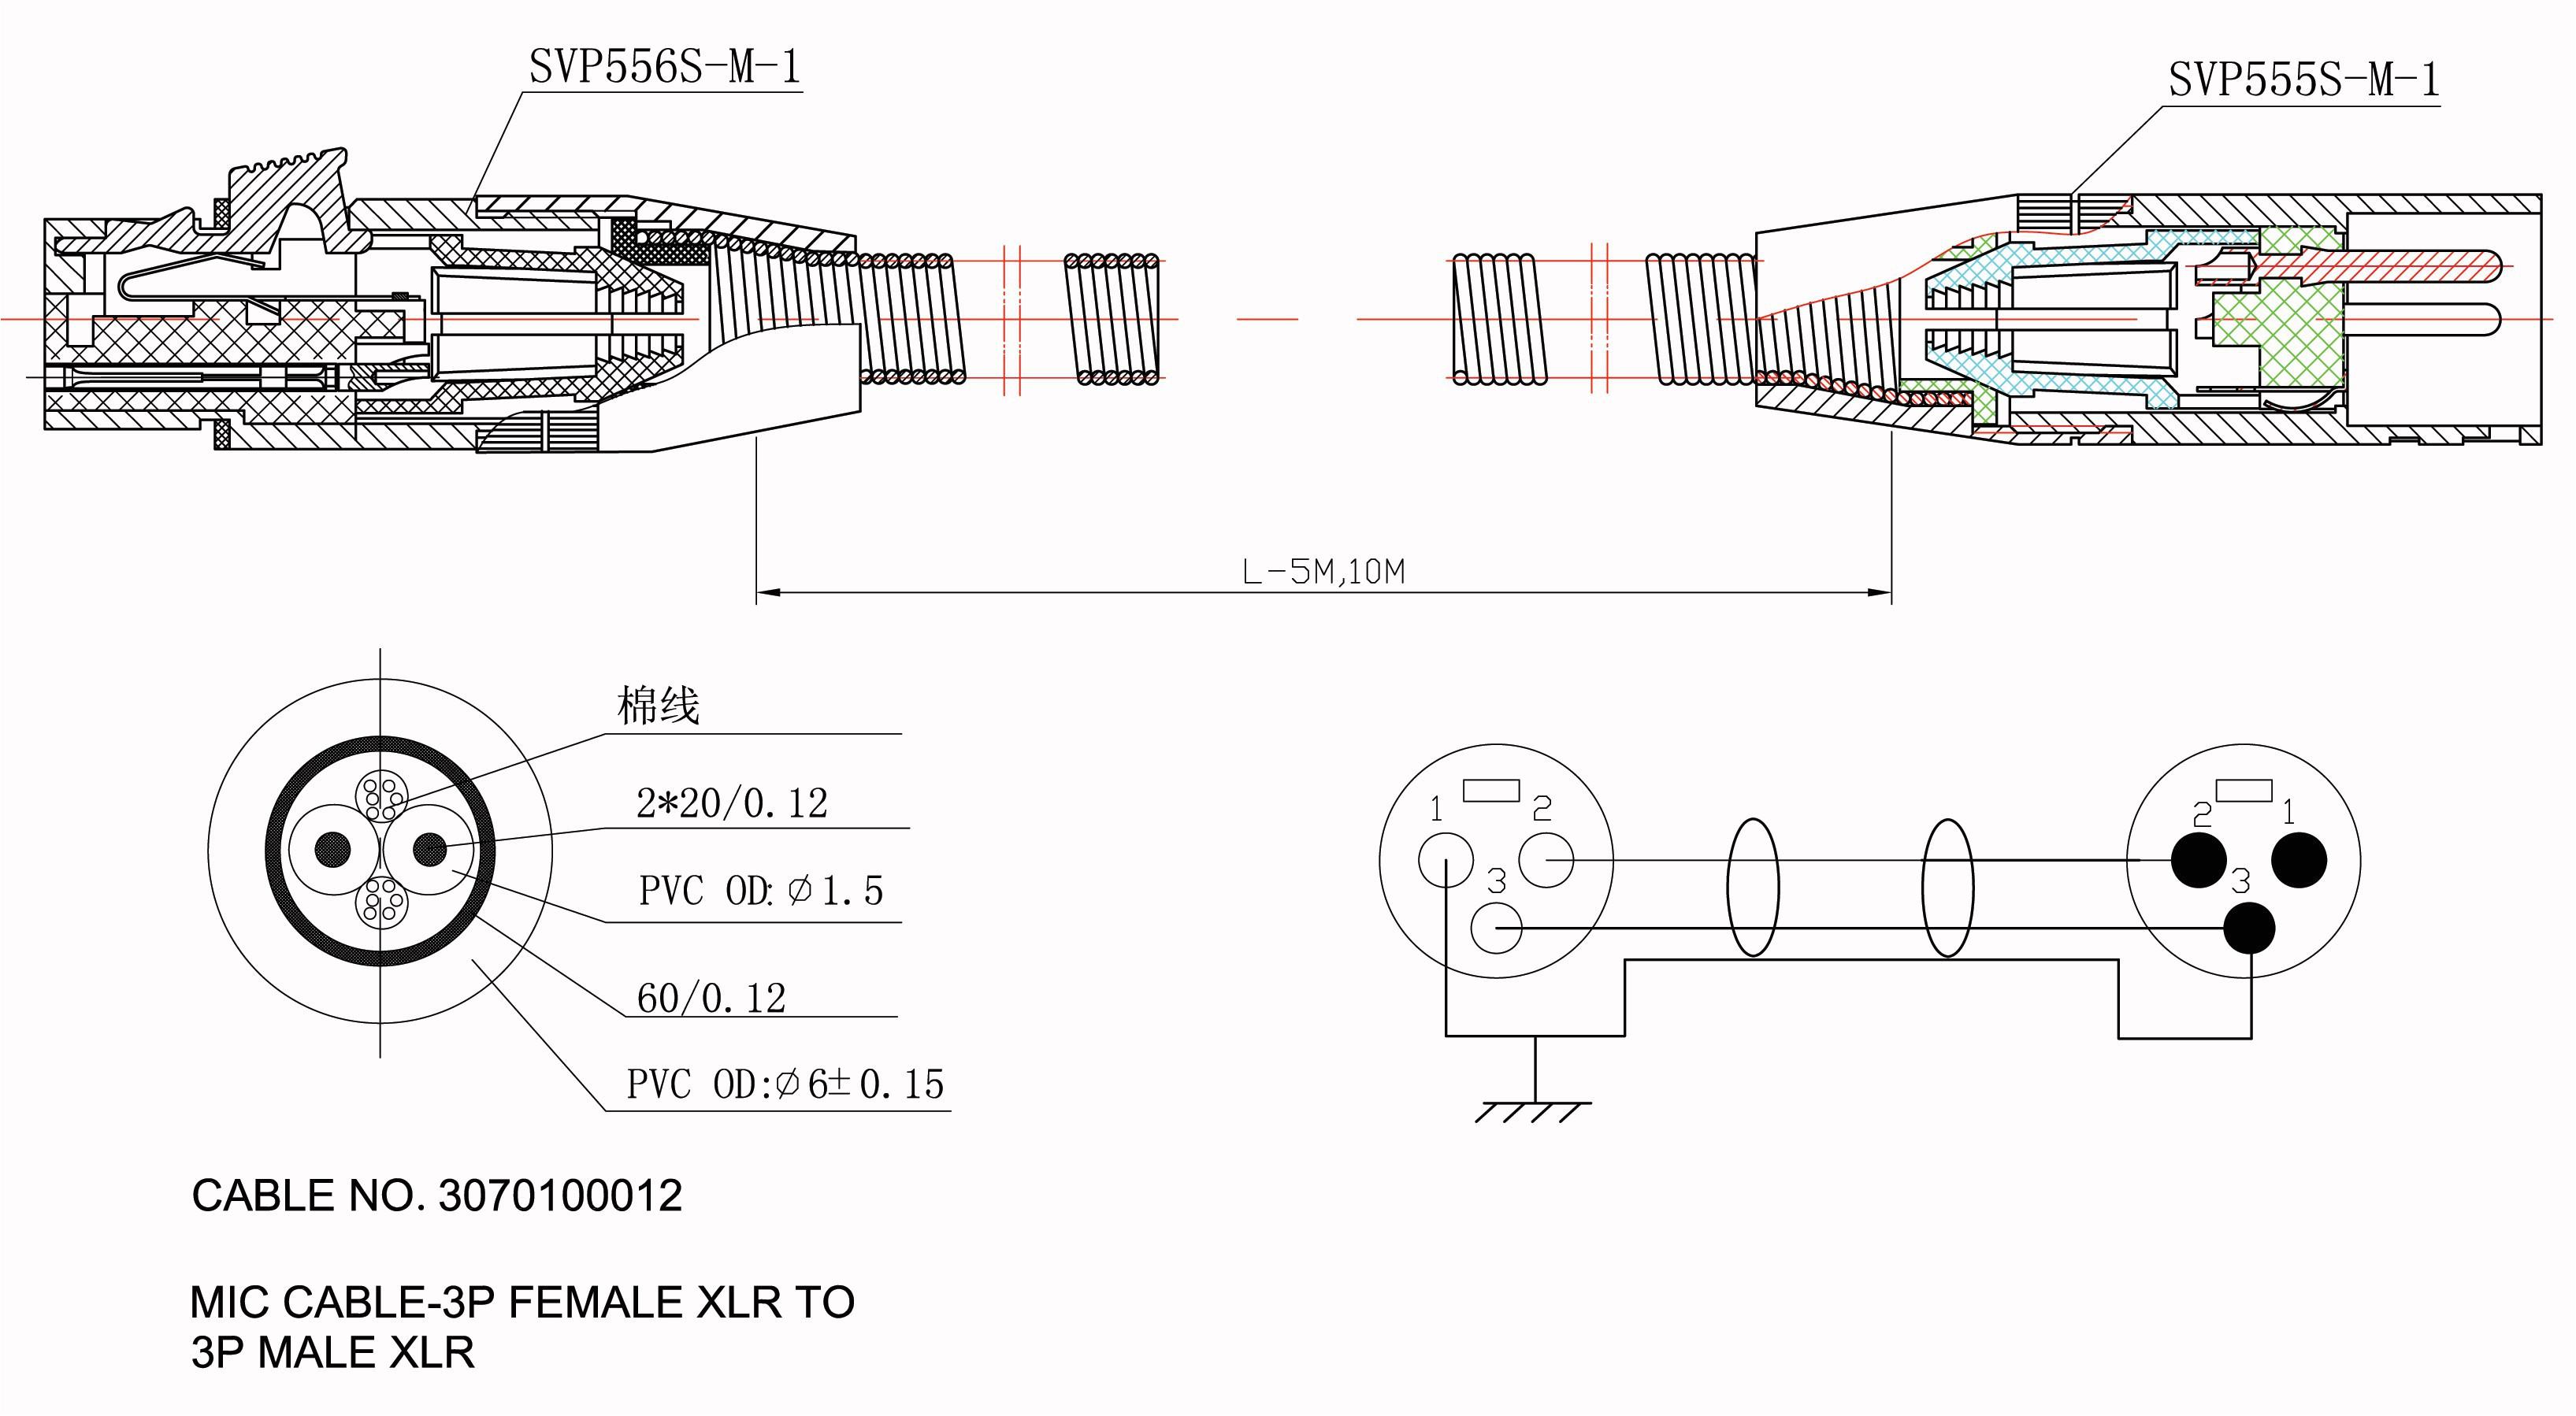 renault kangoo wiring diagram awesome renault clio 3 wiring diagram rje385pw0 whirlpool electric range wiring diagram